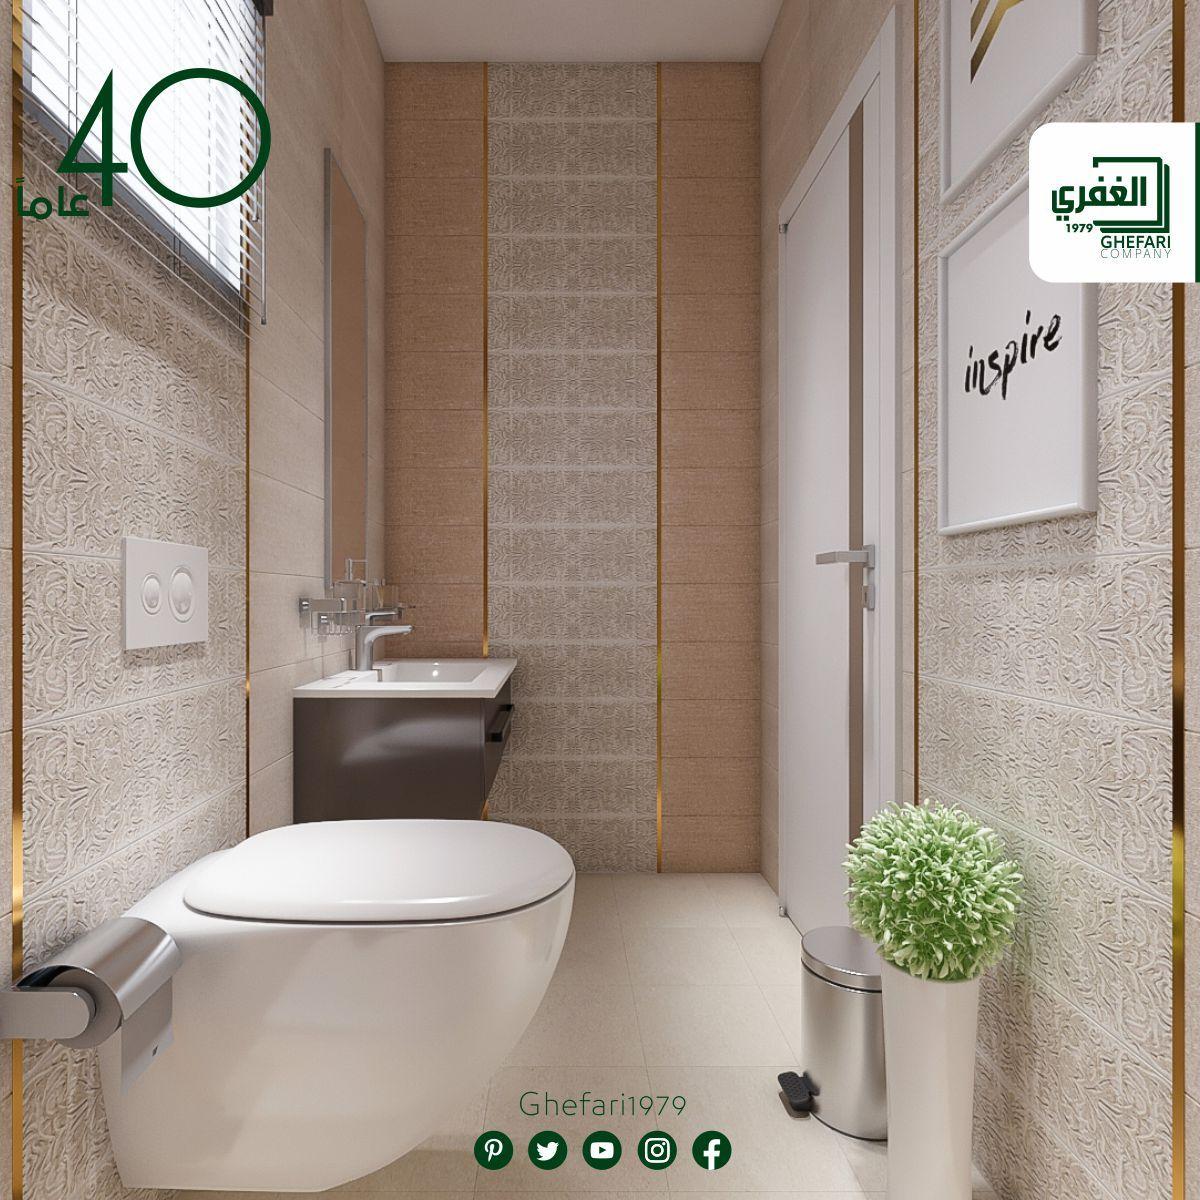 كراميكا حوائط حمامات مطبخ اسباني الصنع مقاس 20x60 ديكور 20x60 للمزيد زورونا على موقع الشركة Bathroom Supplies Rustic Bathroom Vanities Bathroom Decor